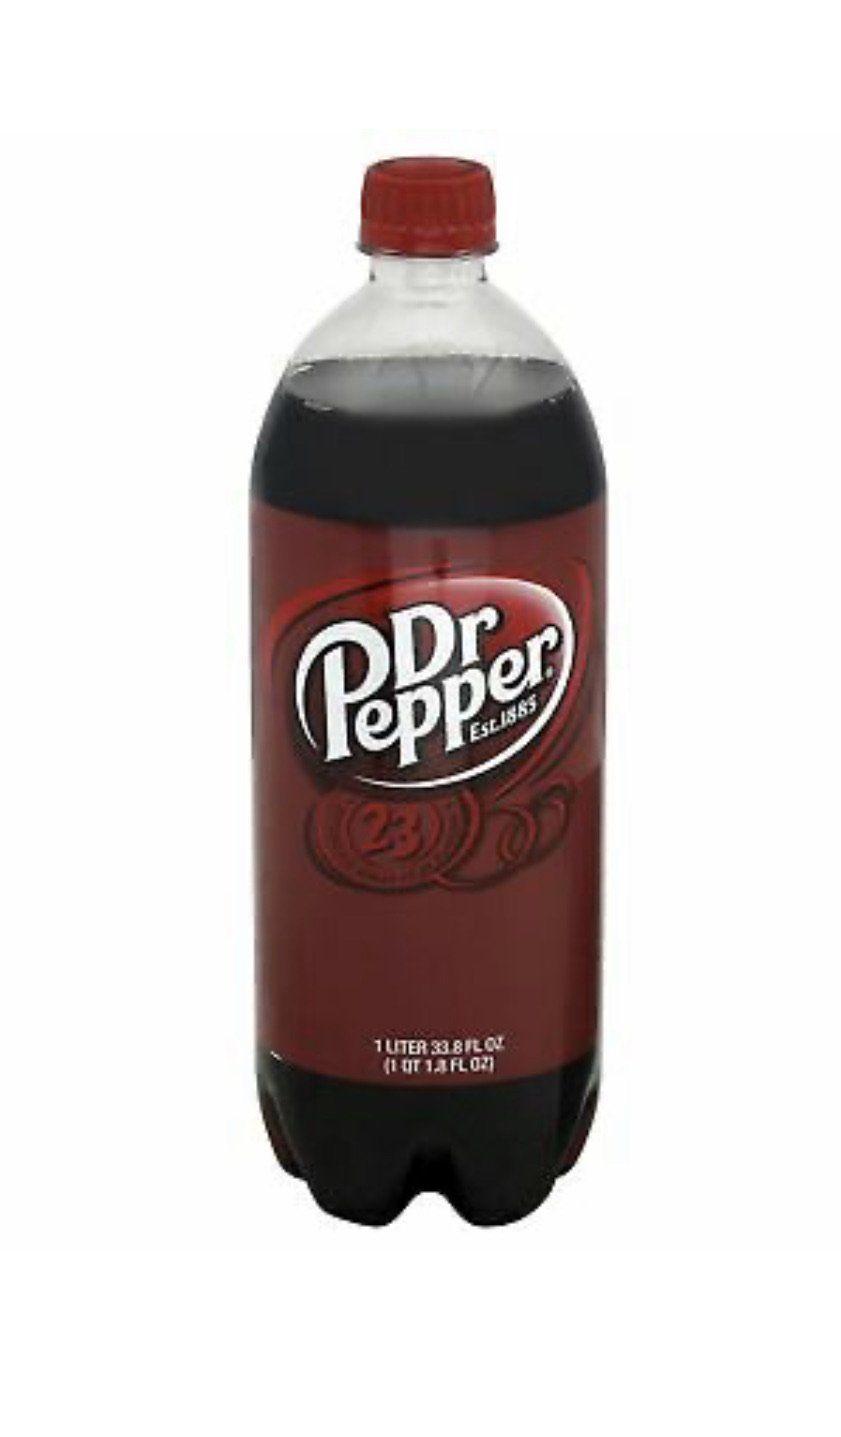 Dr pepper 2 liter bottle special order bottle diversion